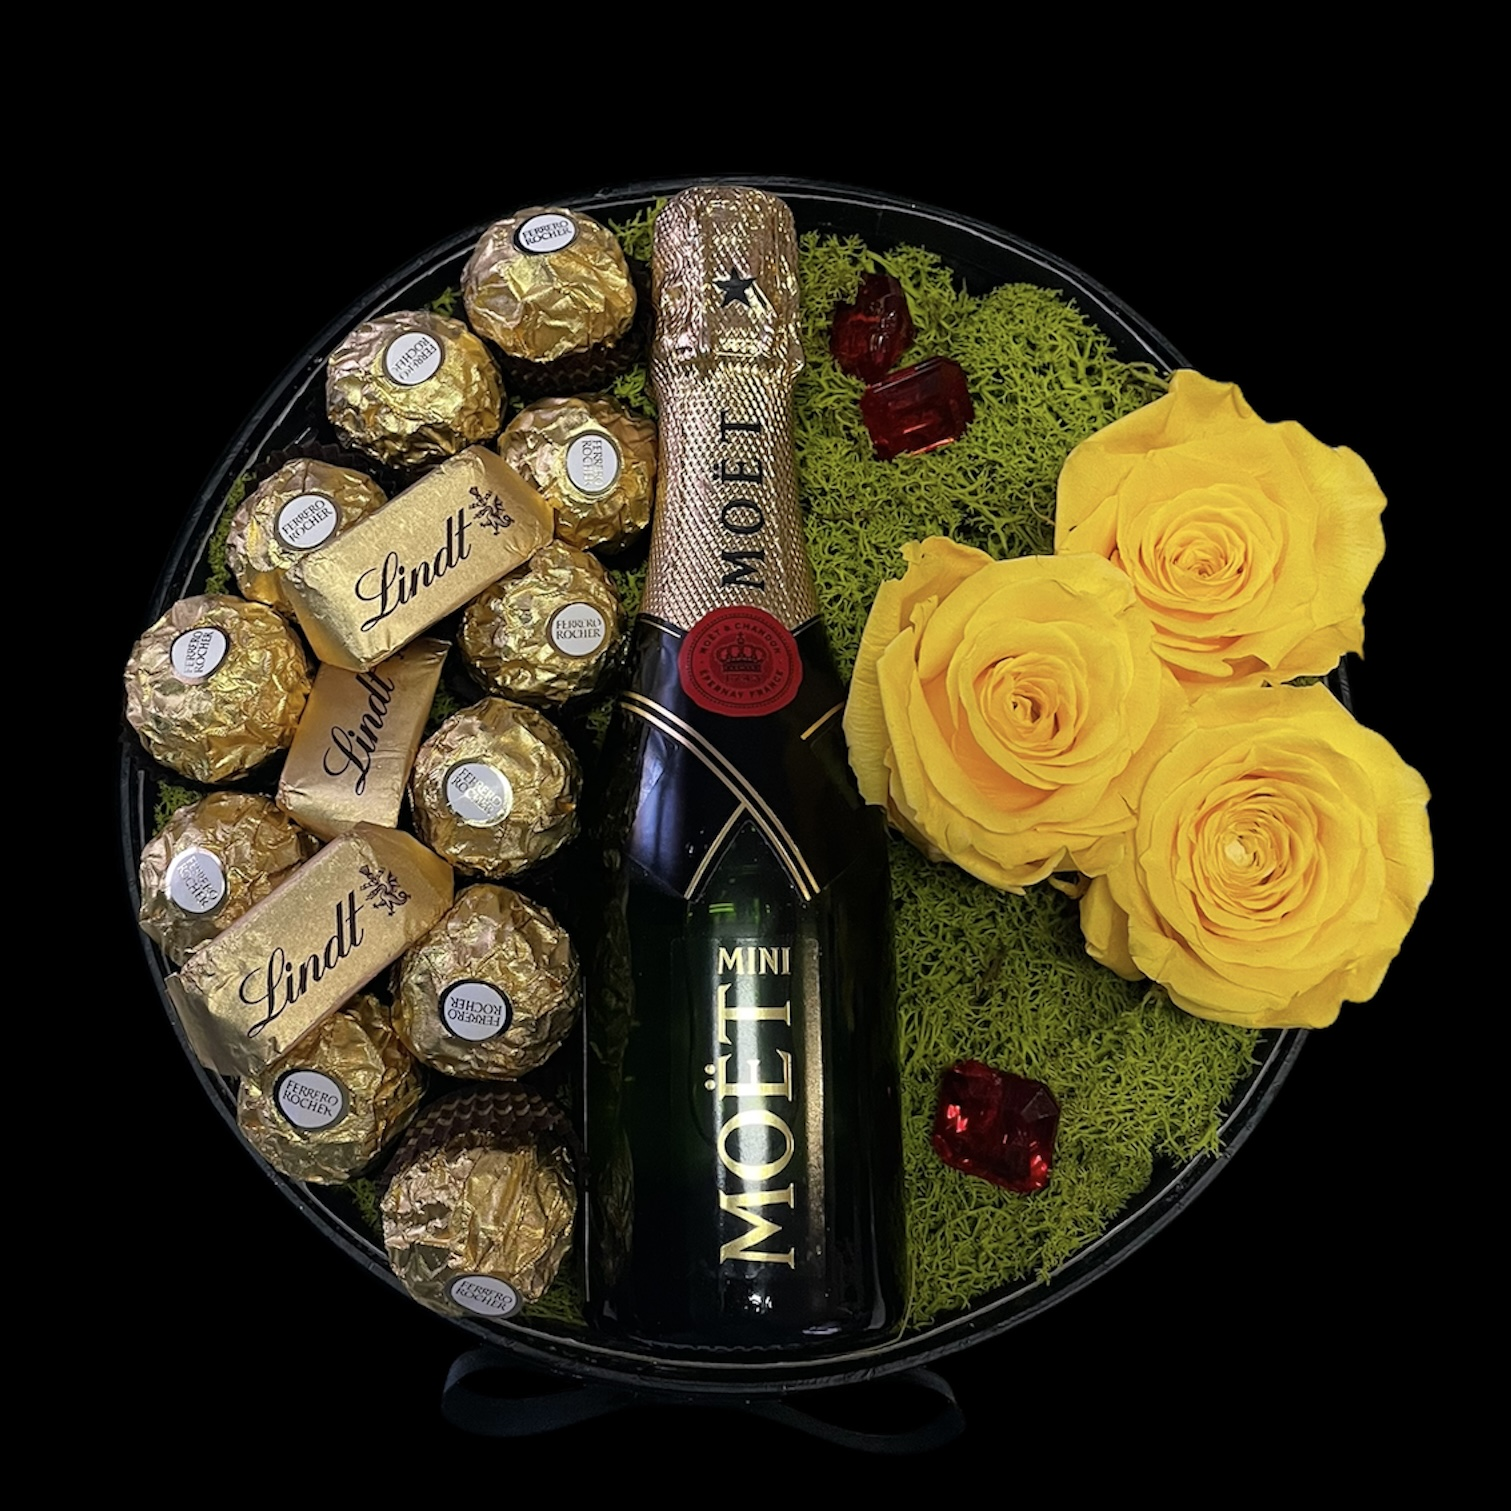 Luxusný flower box s trvácnymi ružami a šampanským